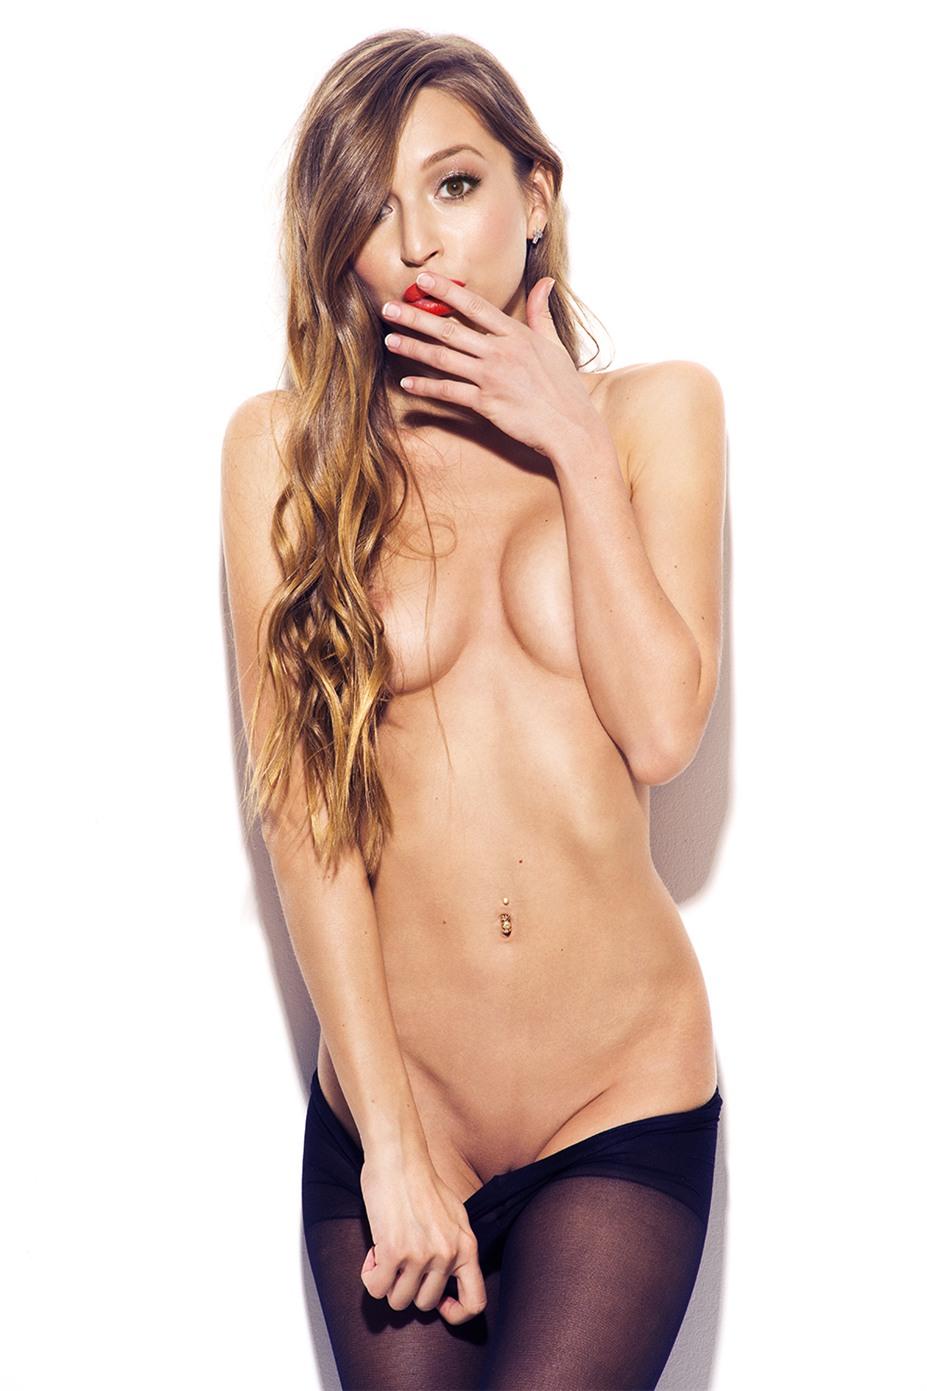 Эротические работы фотографа Михаила Малюгина / Mikhail Malyugin nude photography